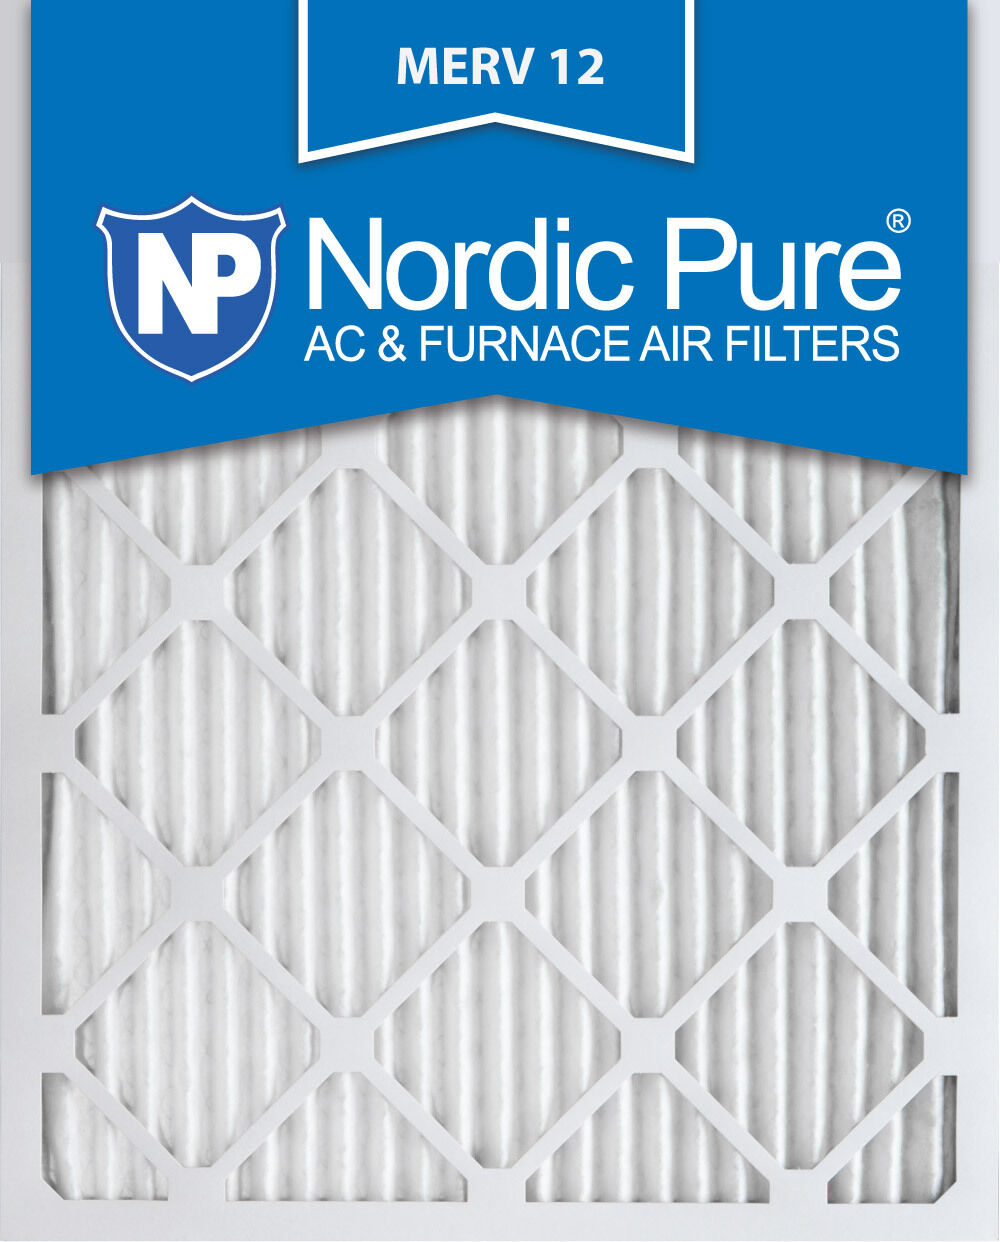 Nordic Pure 16x20x1 MERV 12 Tru Mini Pleat AC Furnace Air Filters 3 Pack